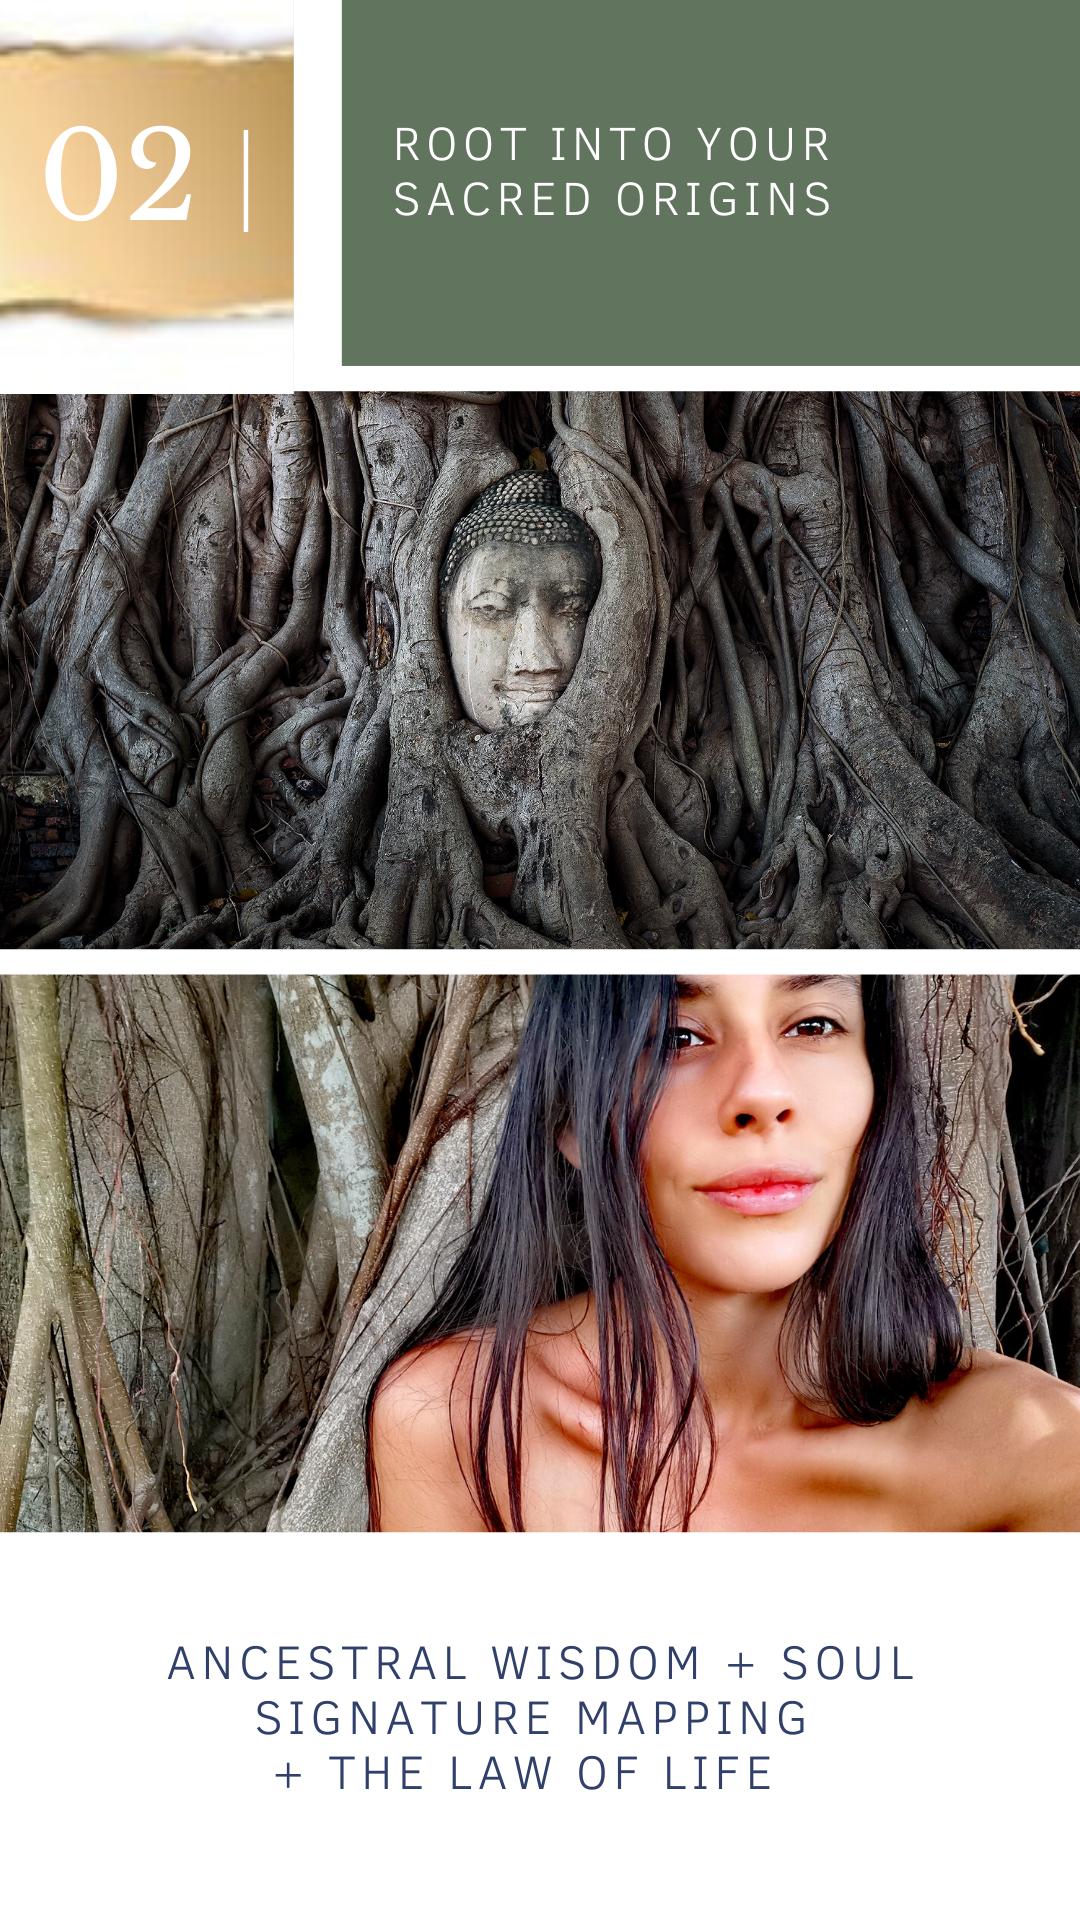 Roots go Deep